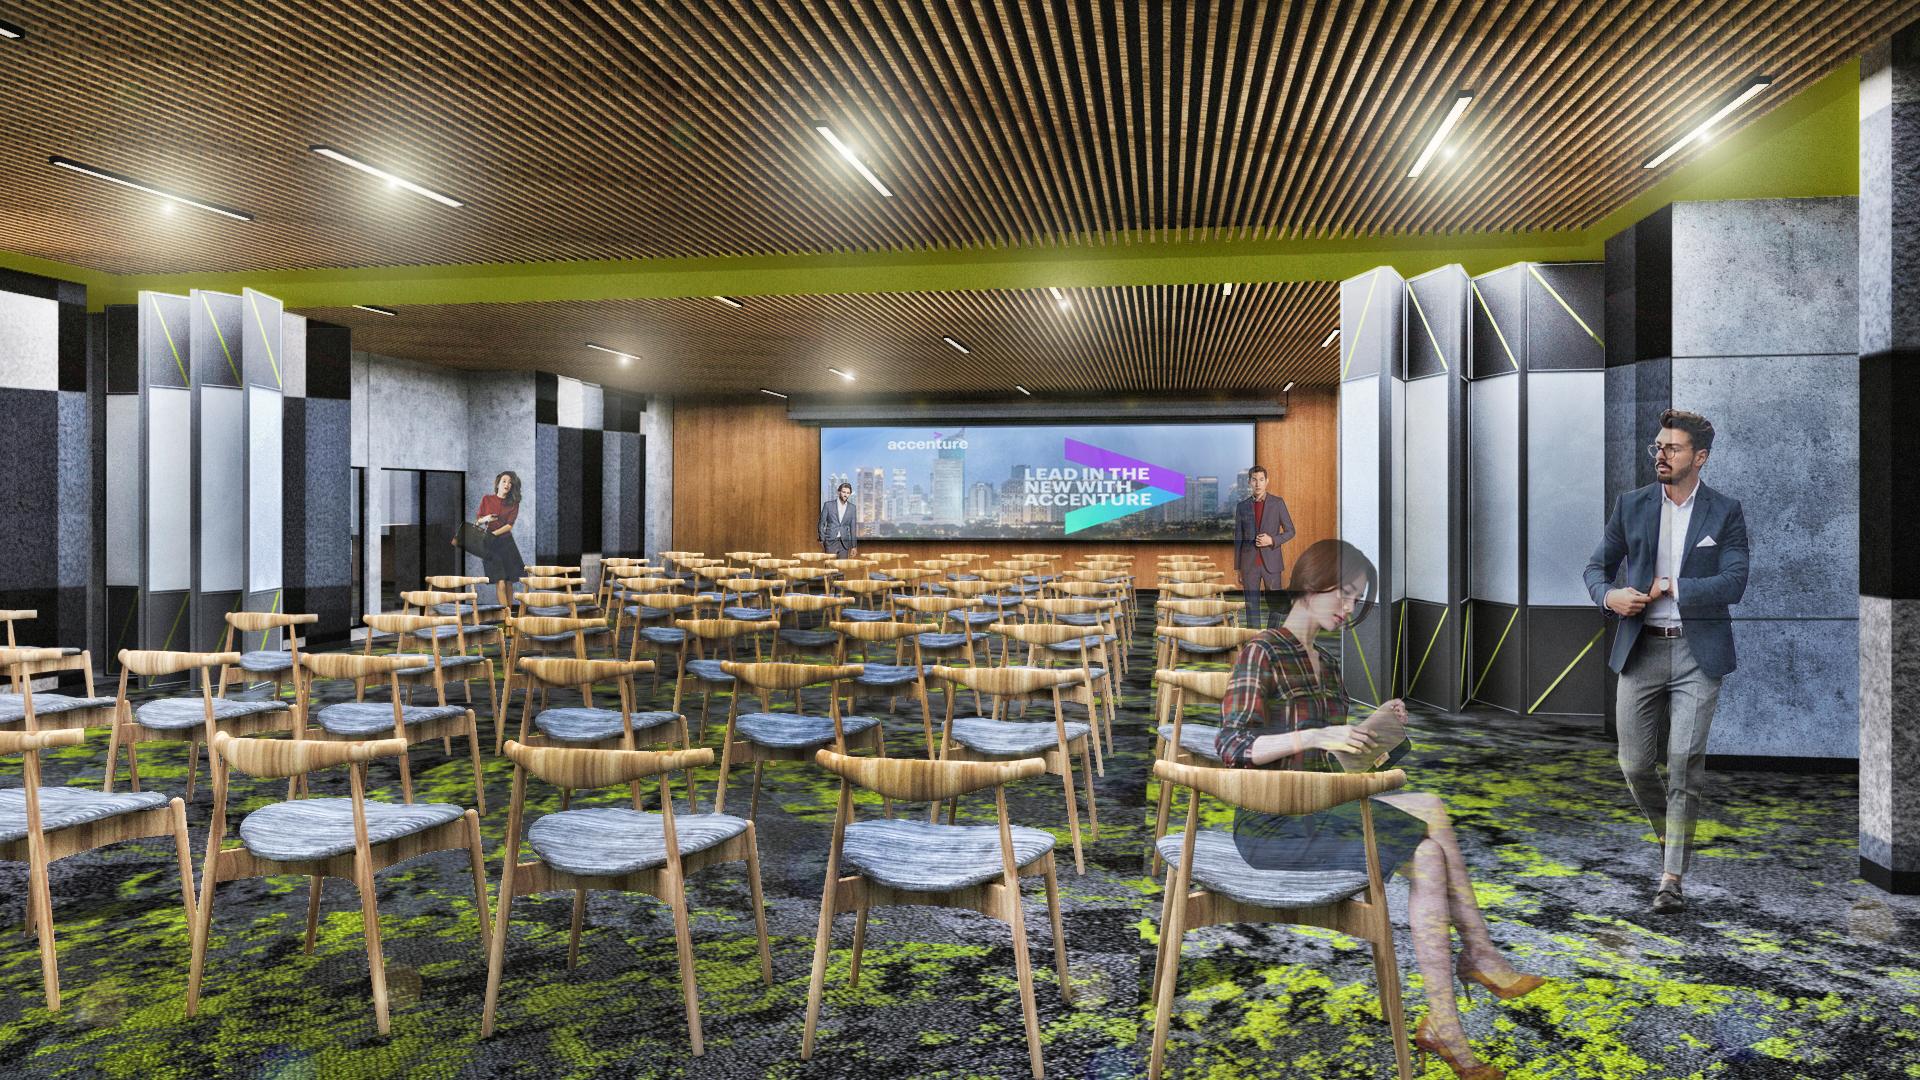 12 - Accenture | DARC Design Studio Singapore   Architecture